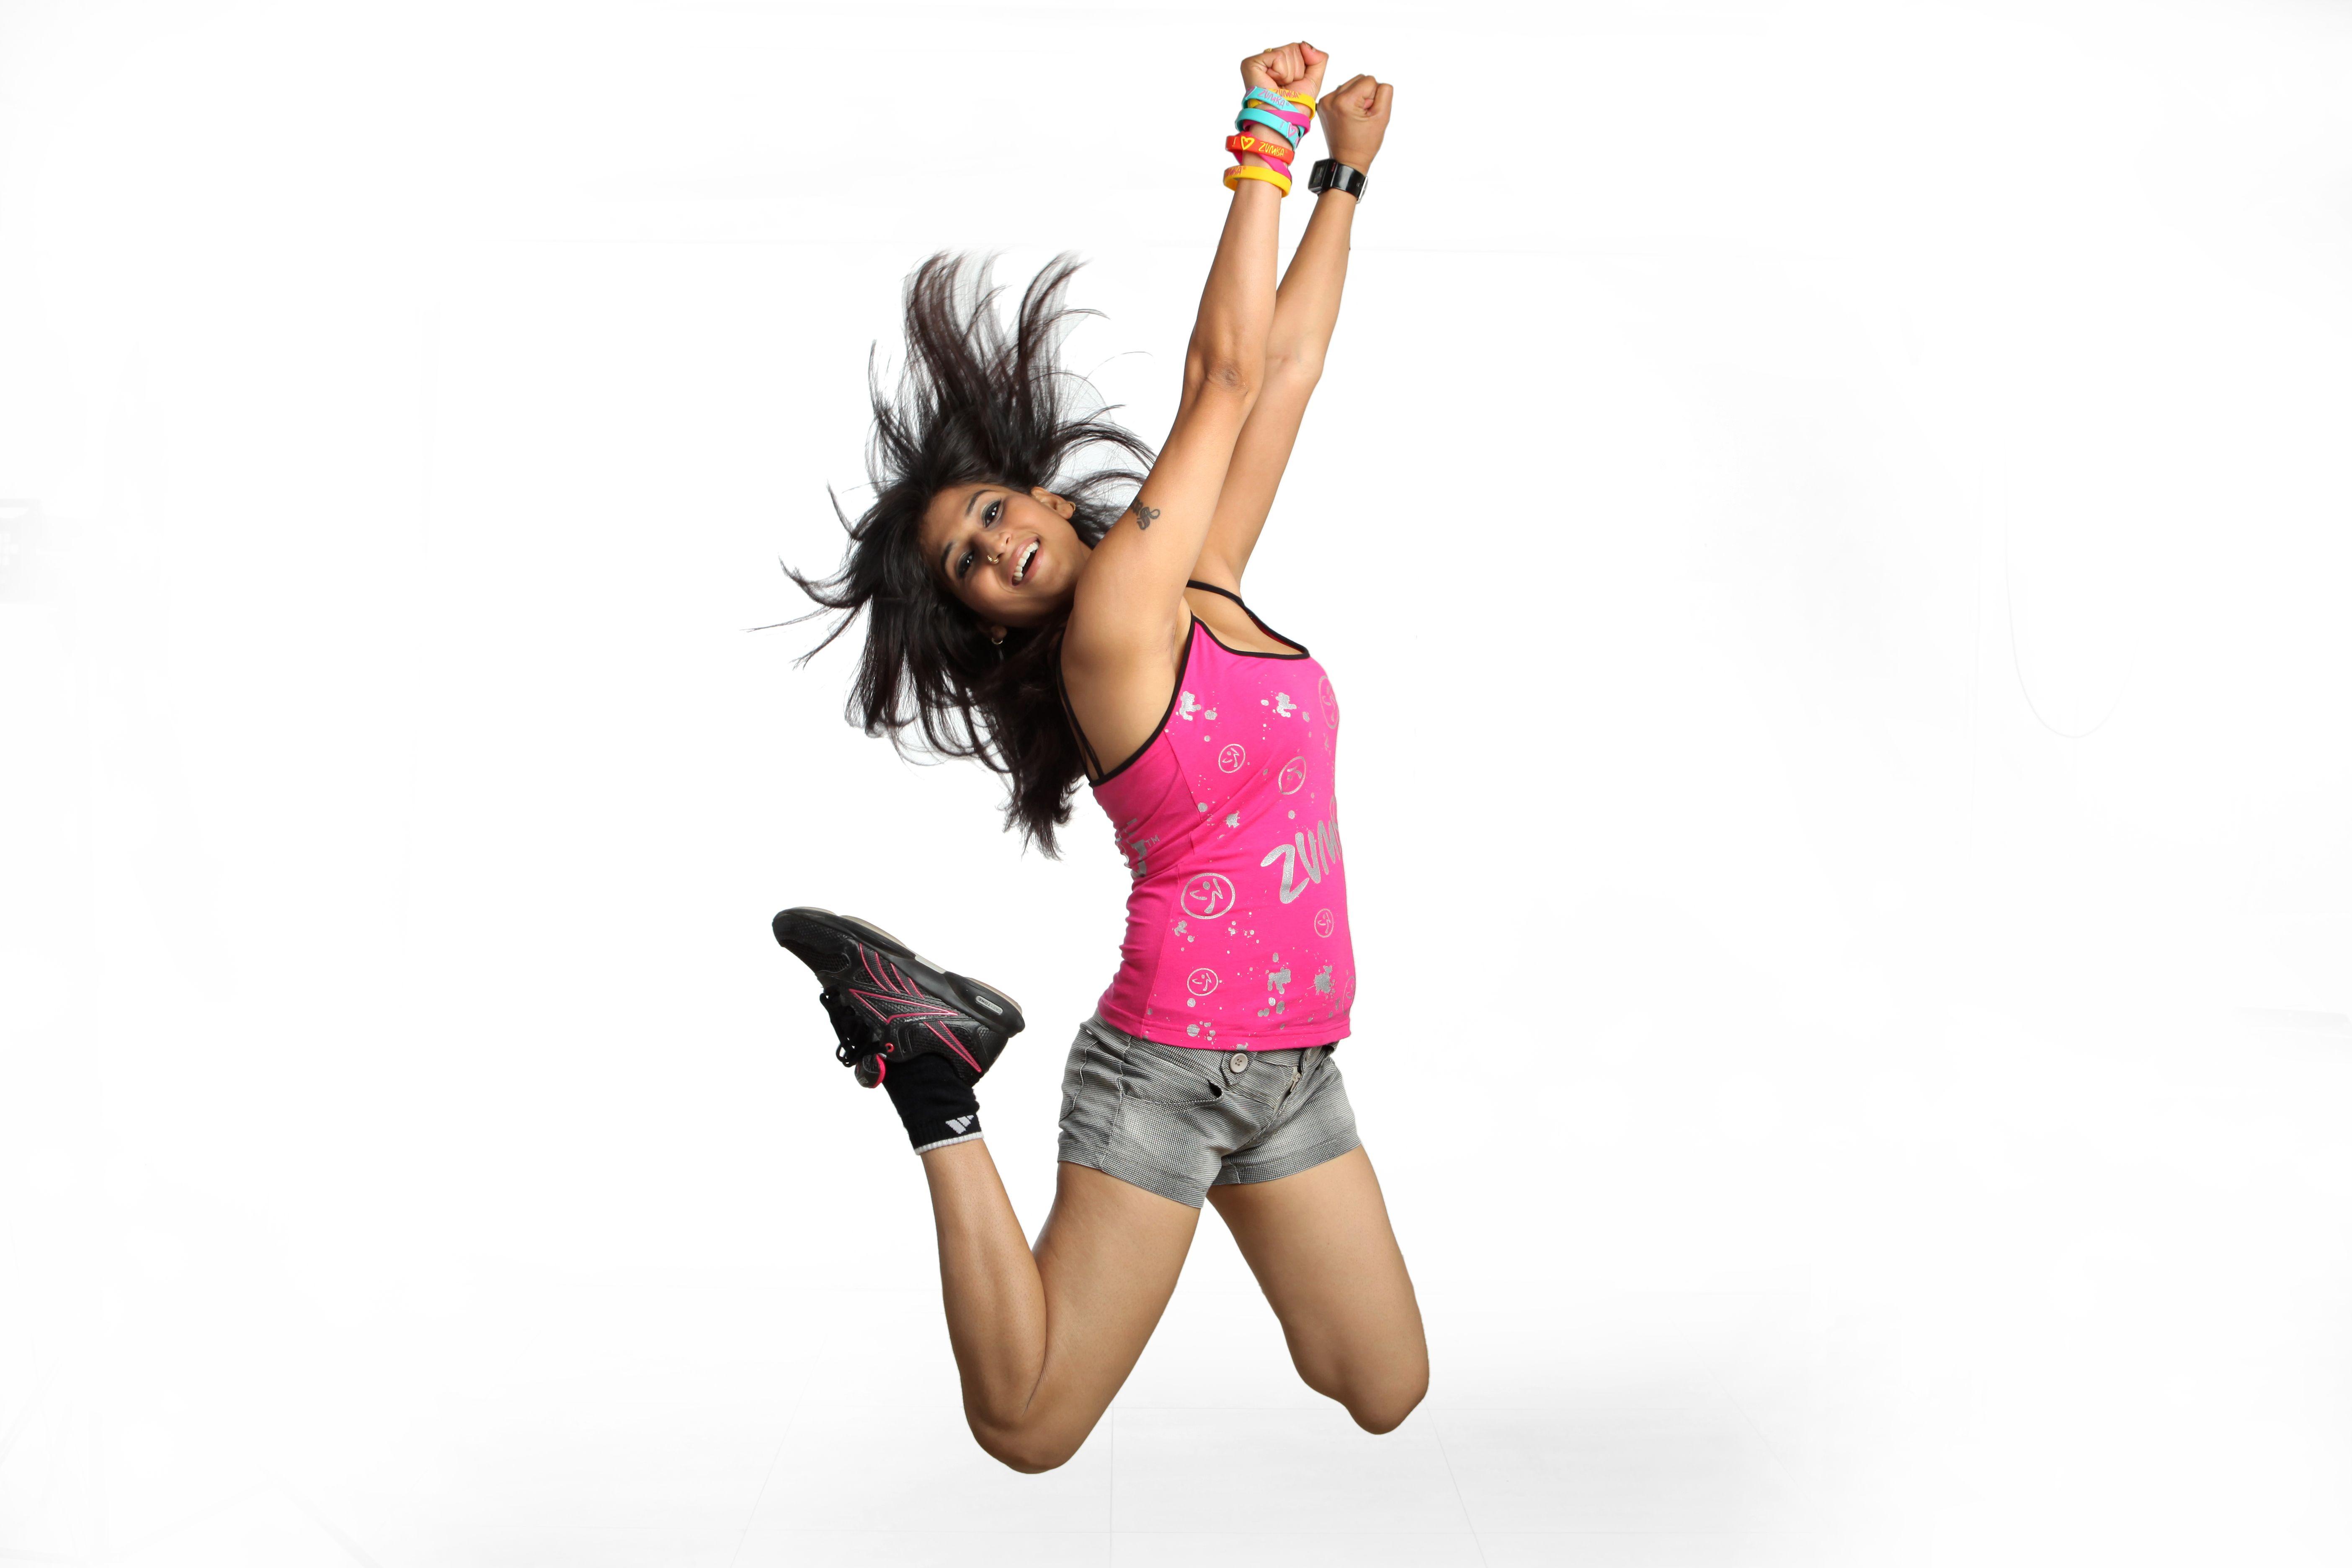 танцующие девушки в наушниках фото